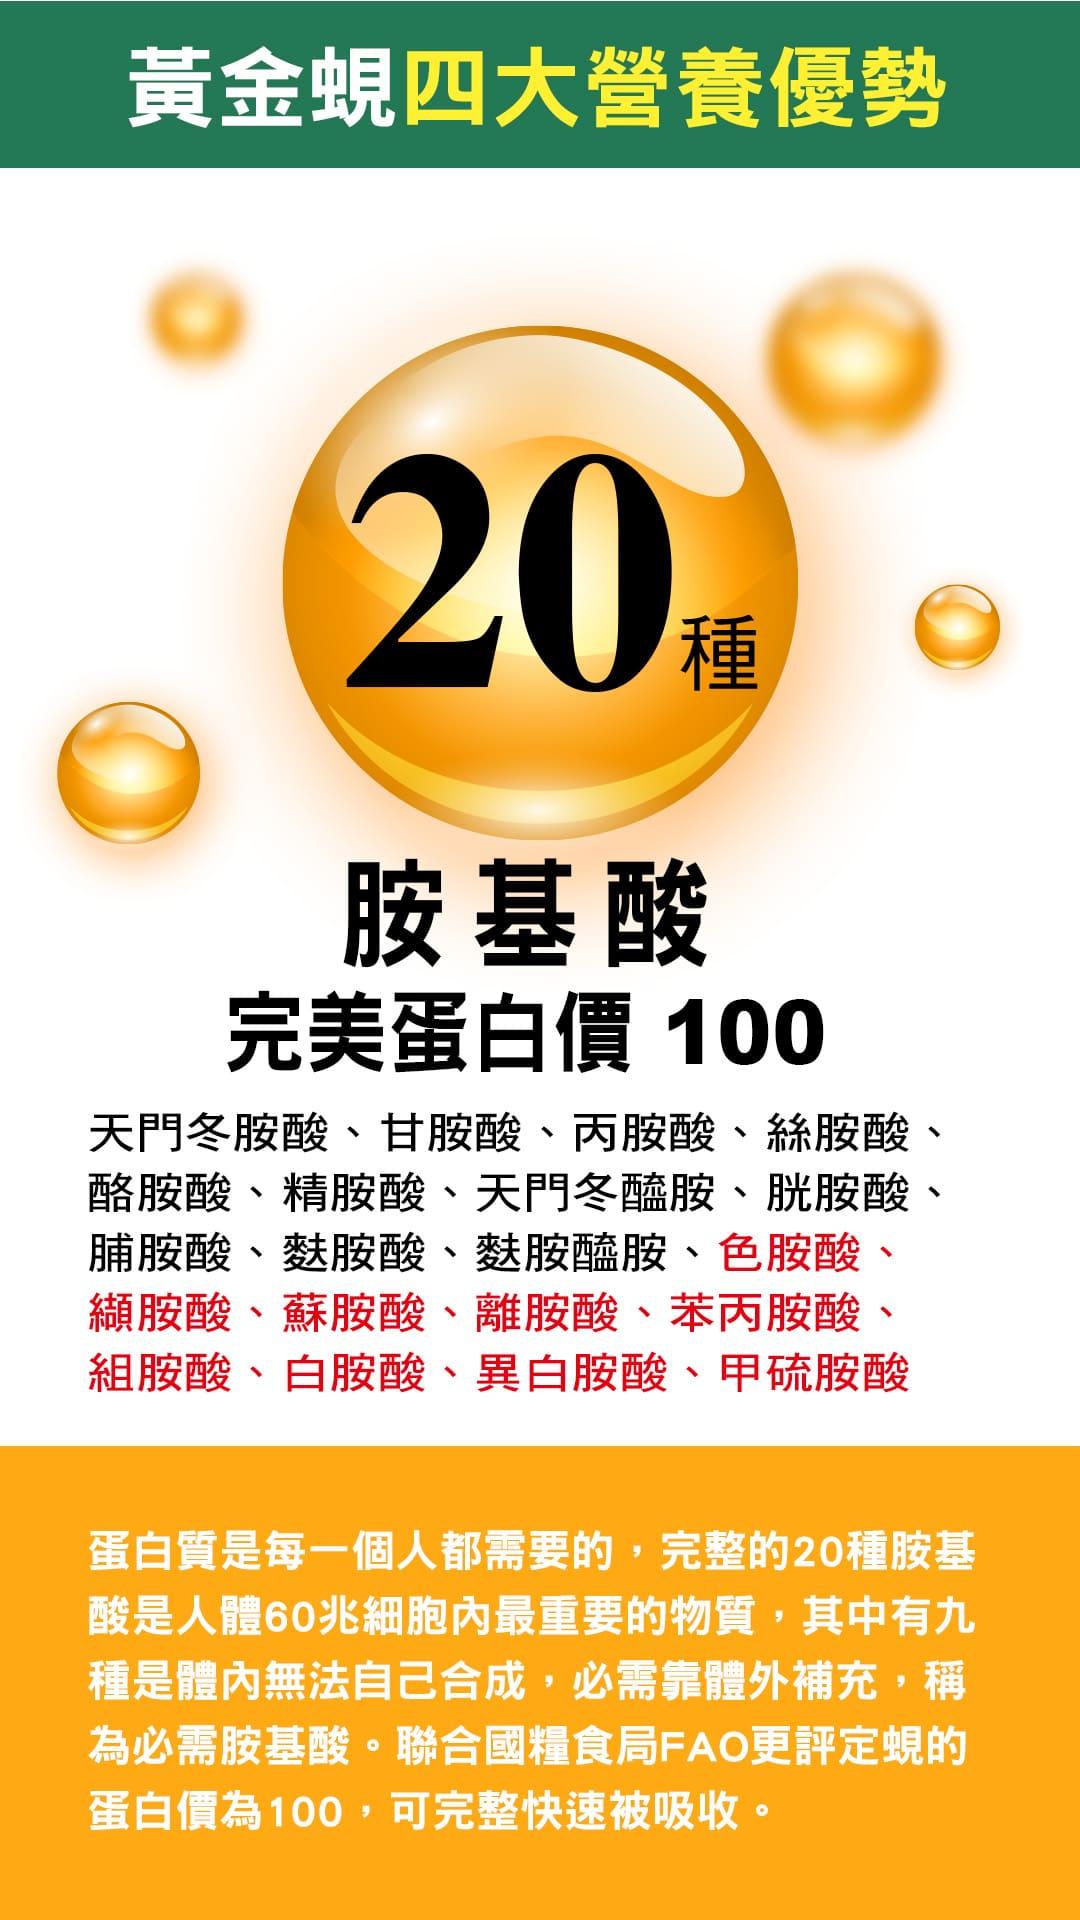 9.黃金蜆四大營養優勢、20種胺基酸